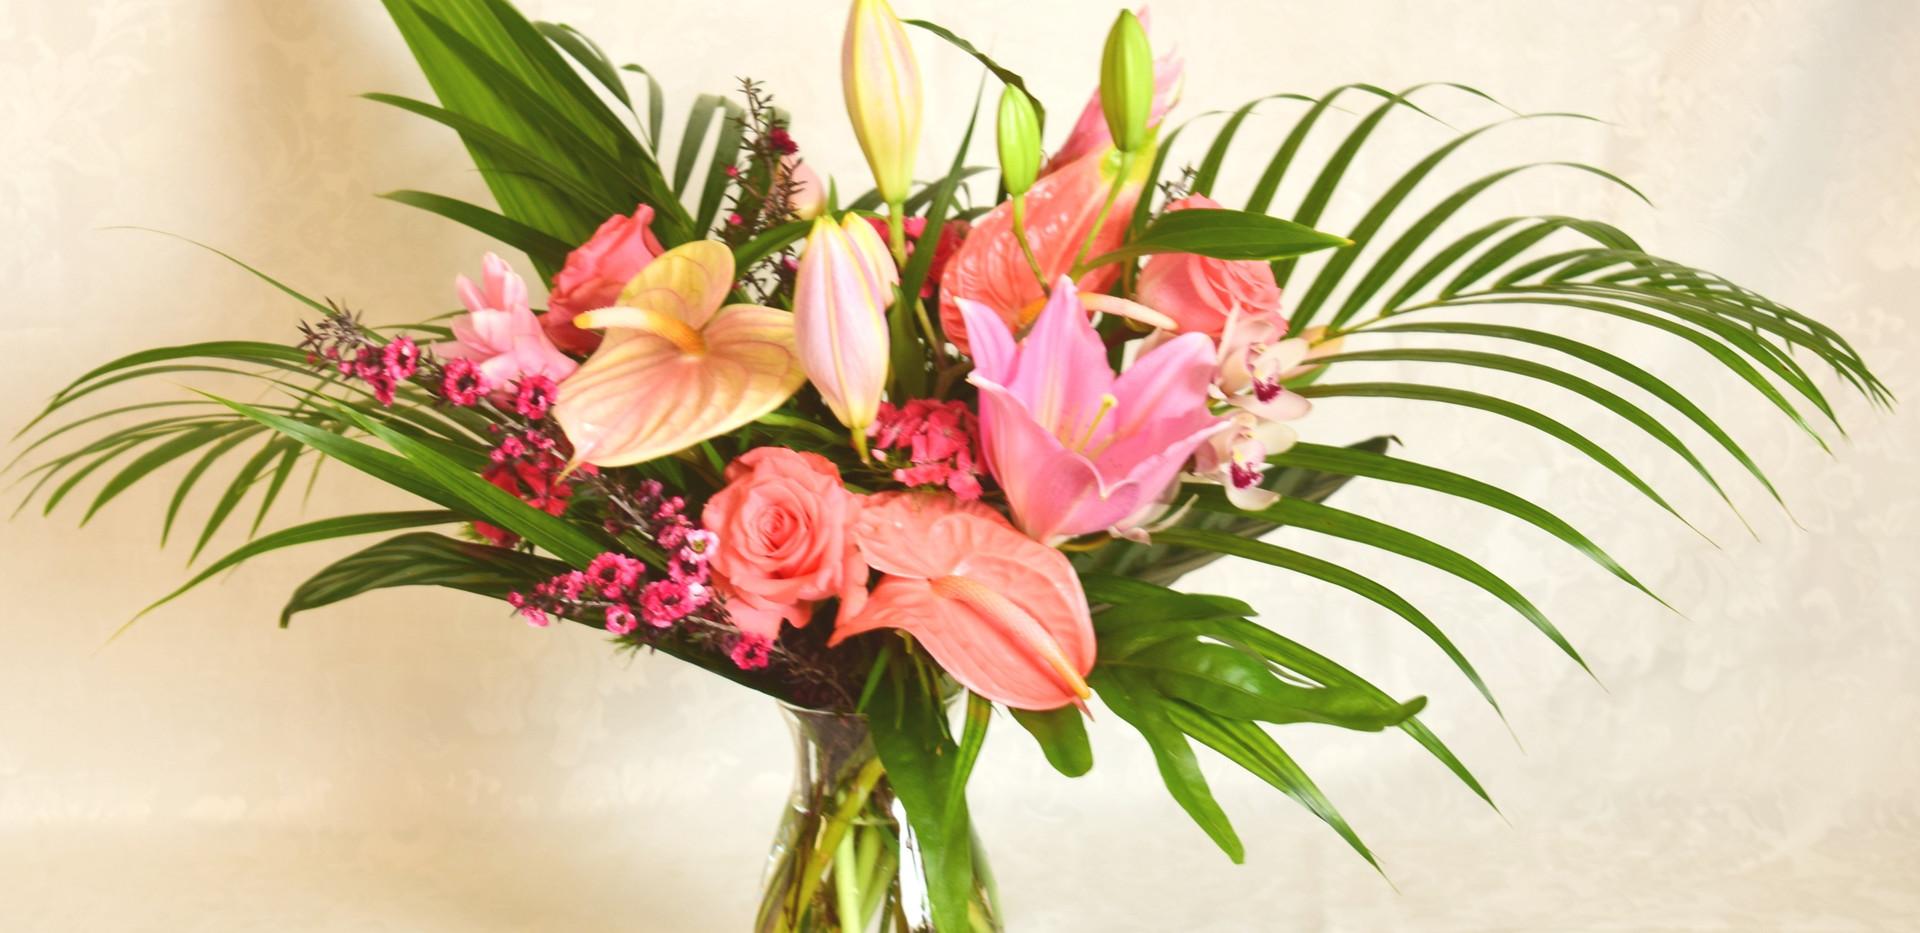 Medium tropical nouveau vase arrangement